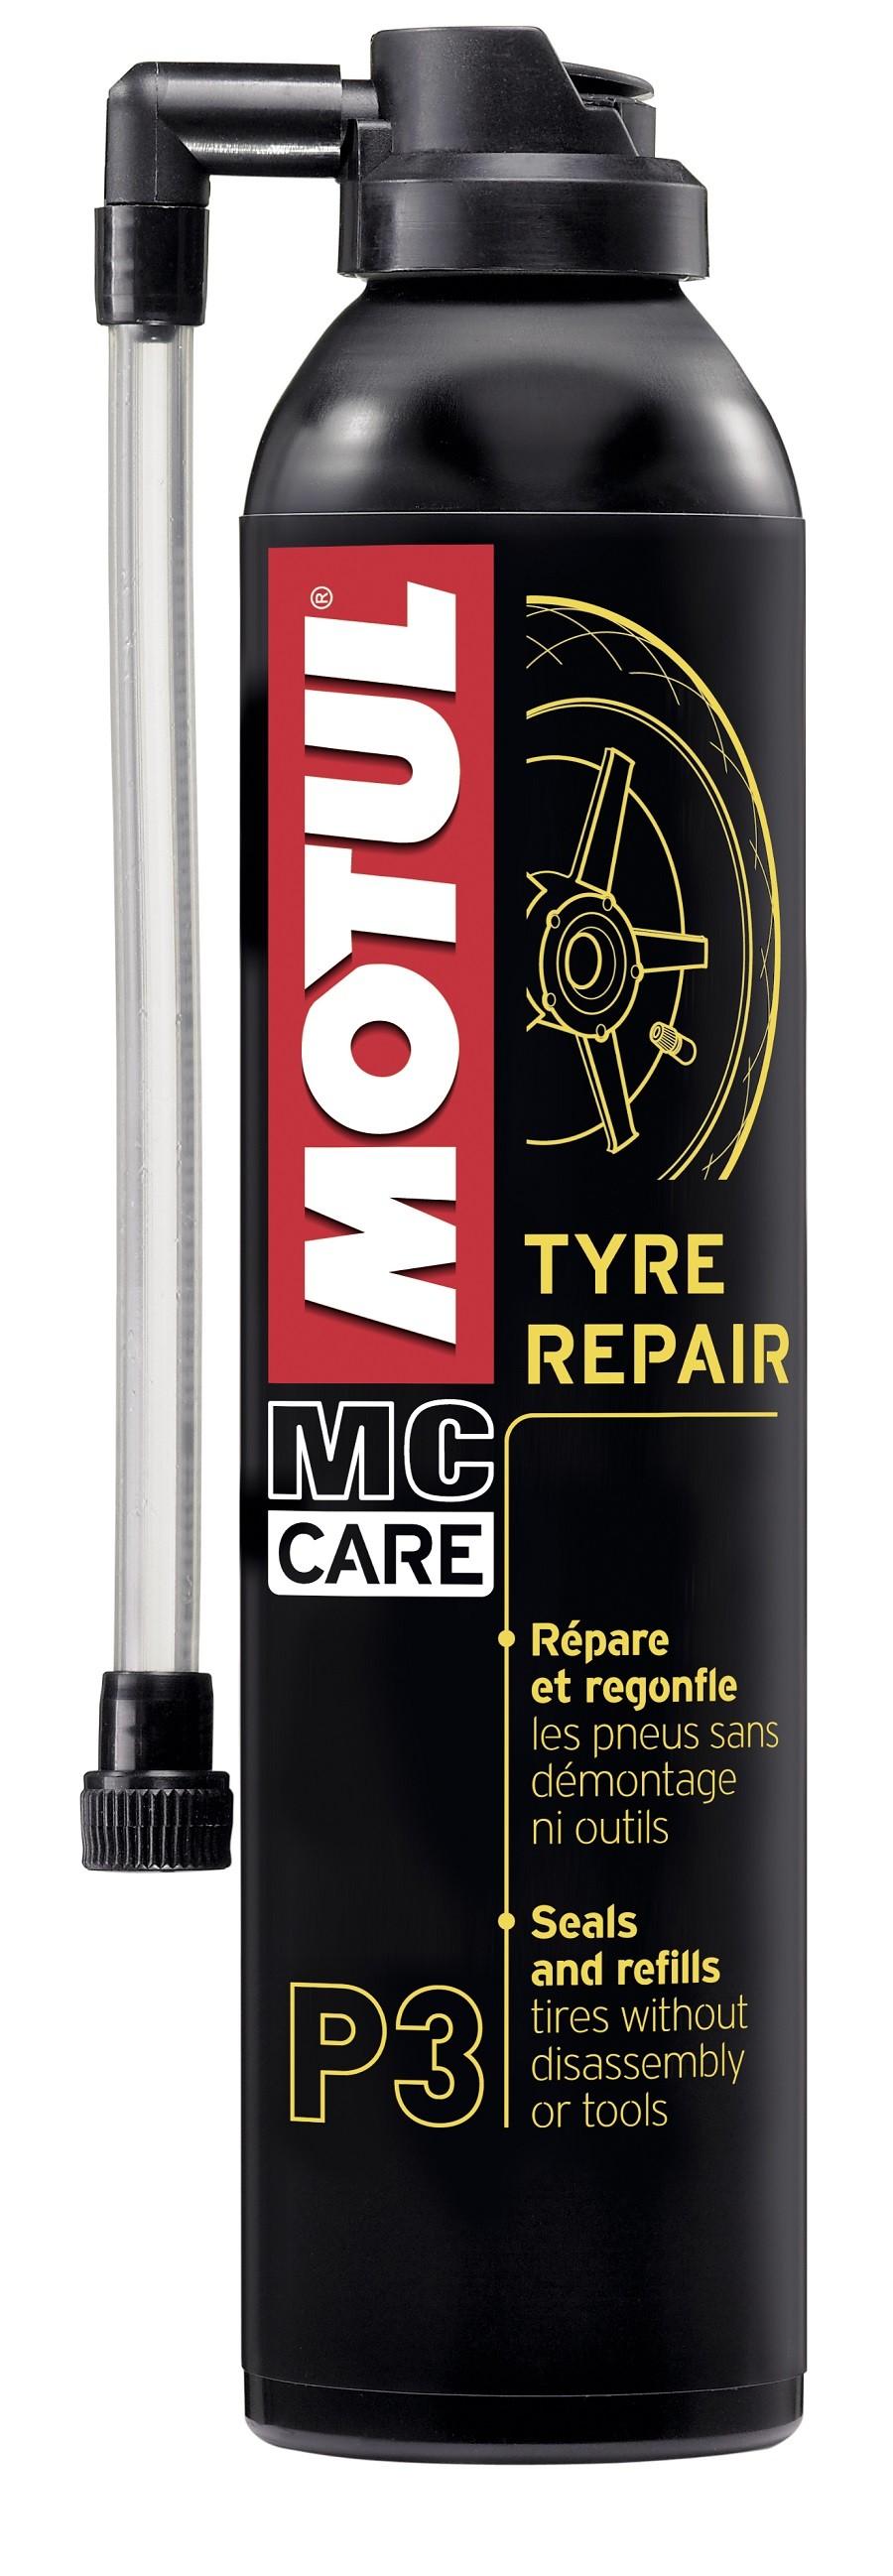 P3 Tyre Repair